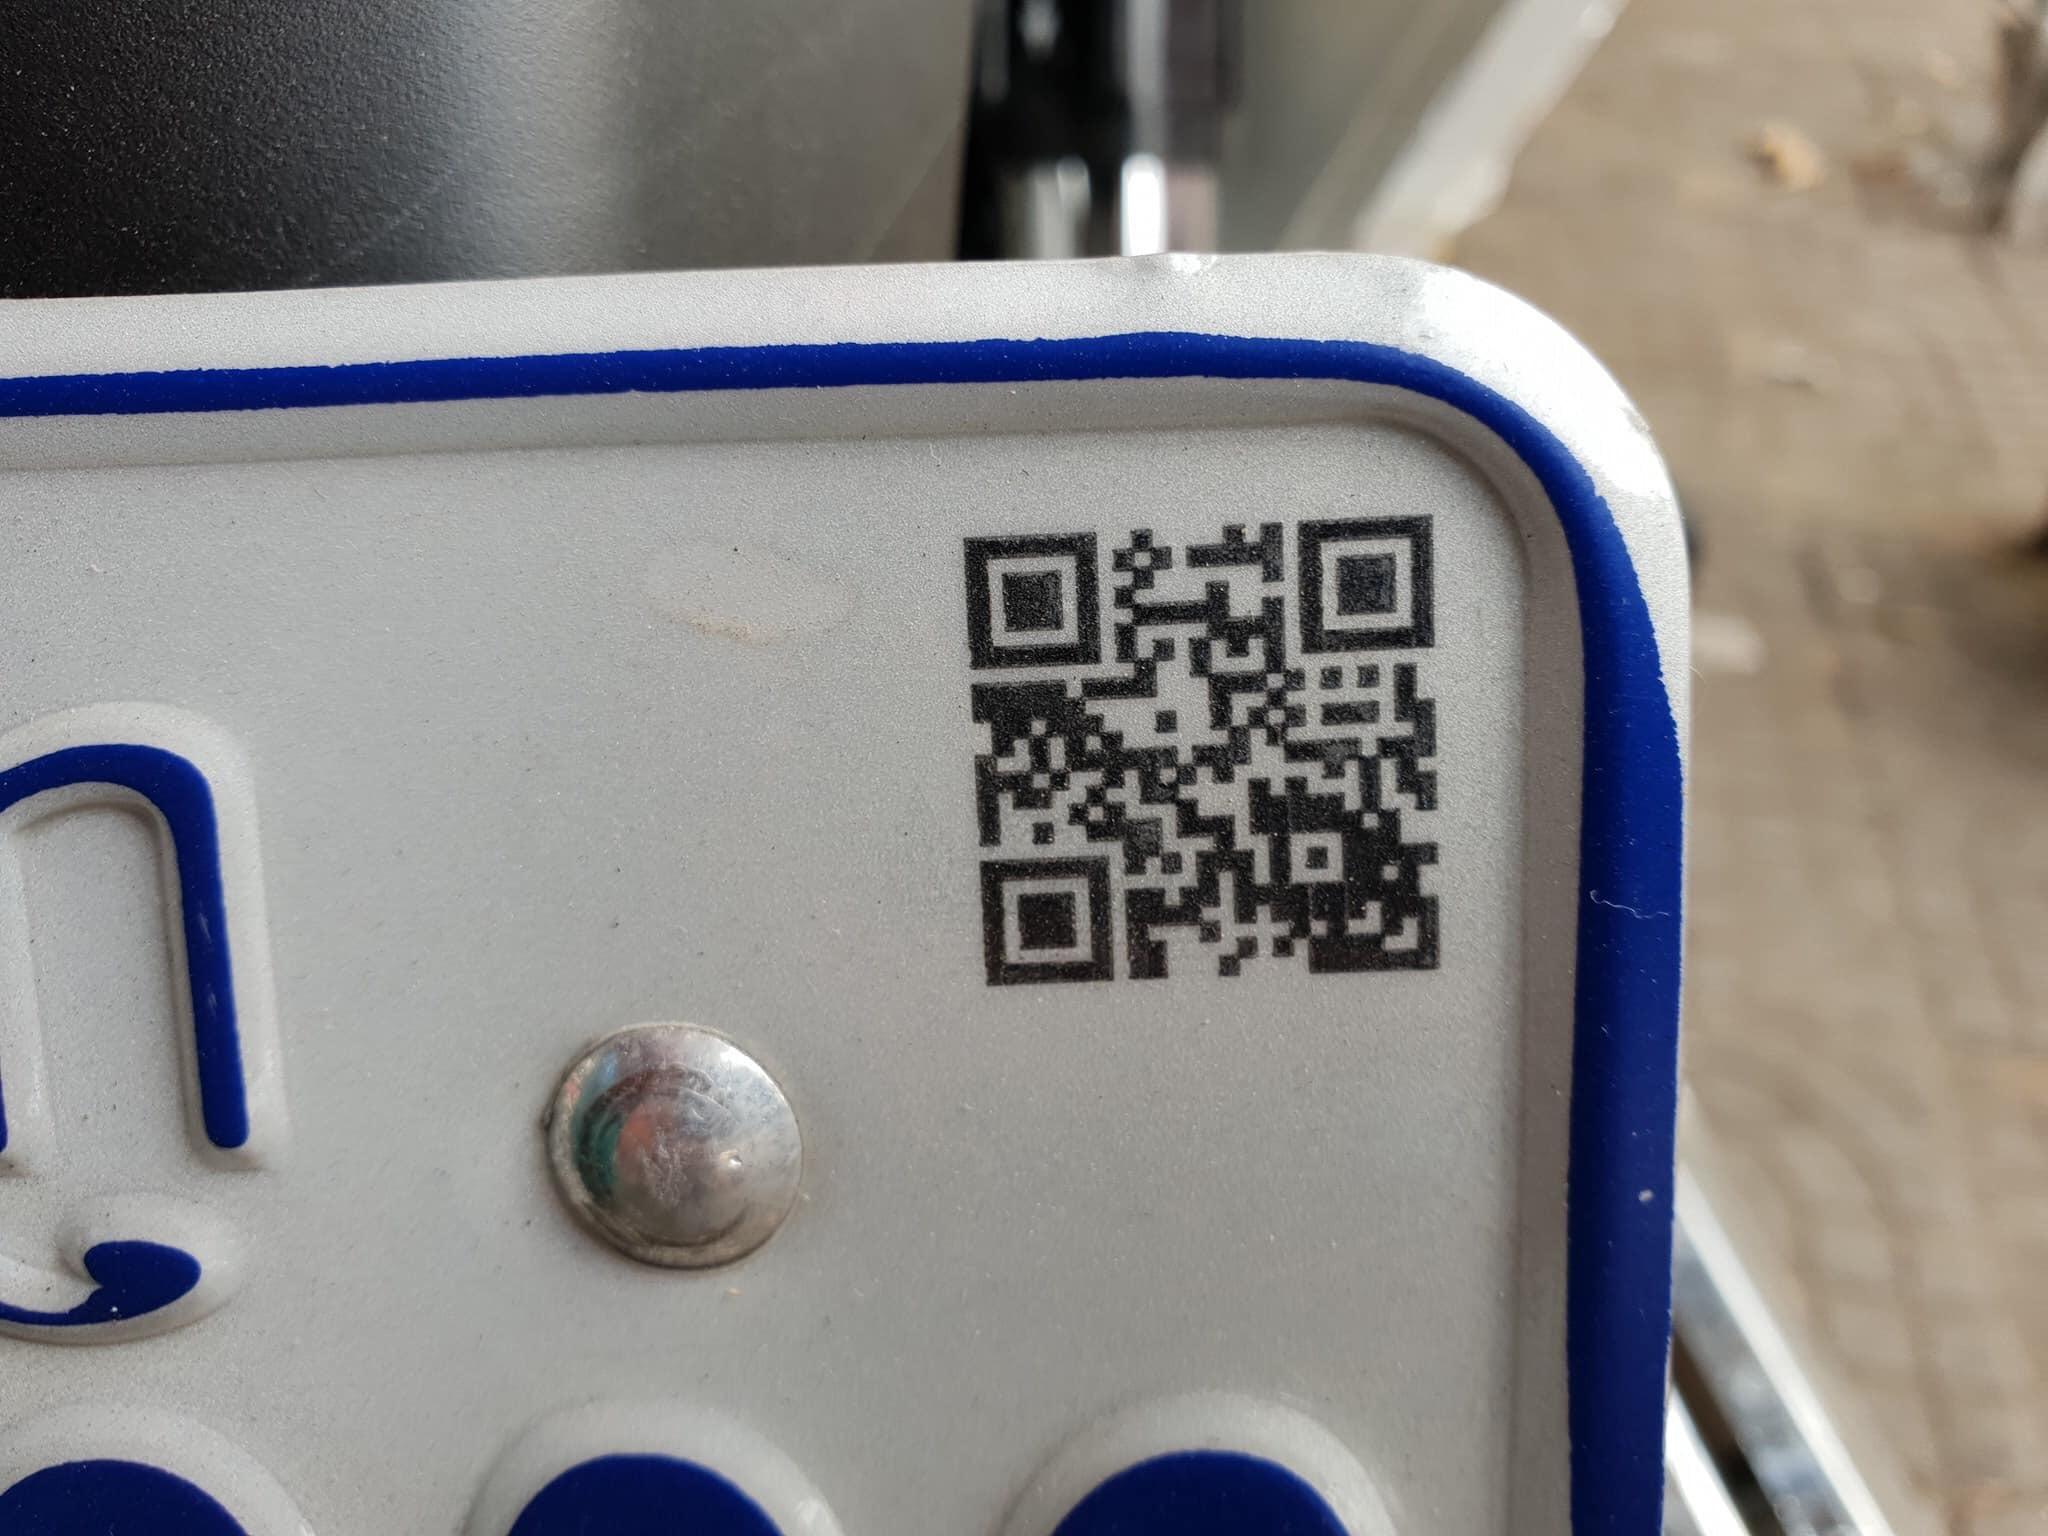 Quét mã QR đọc biển số xe: Đi đầu thế giới, Campuchia chơi 4.0